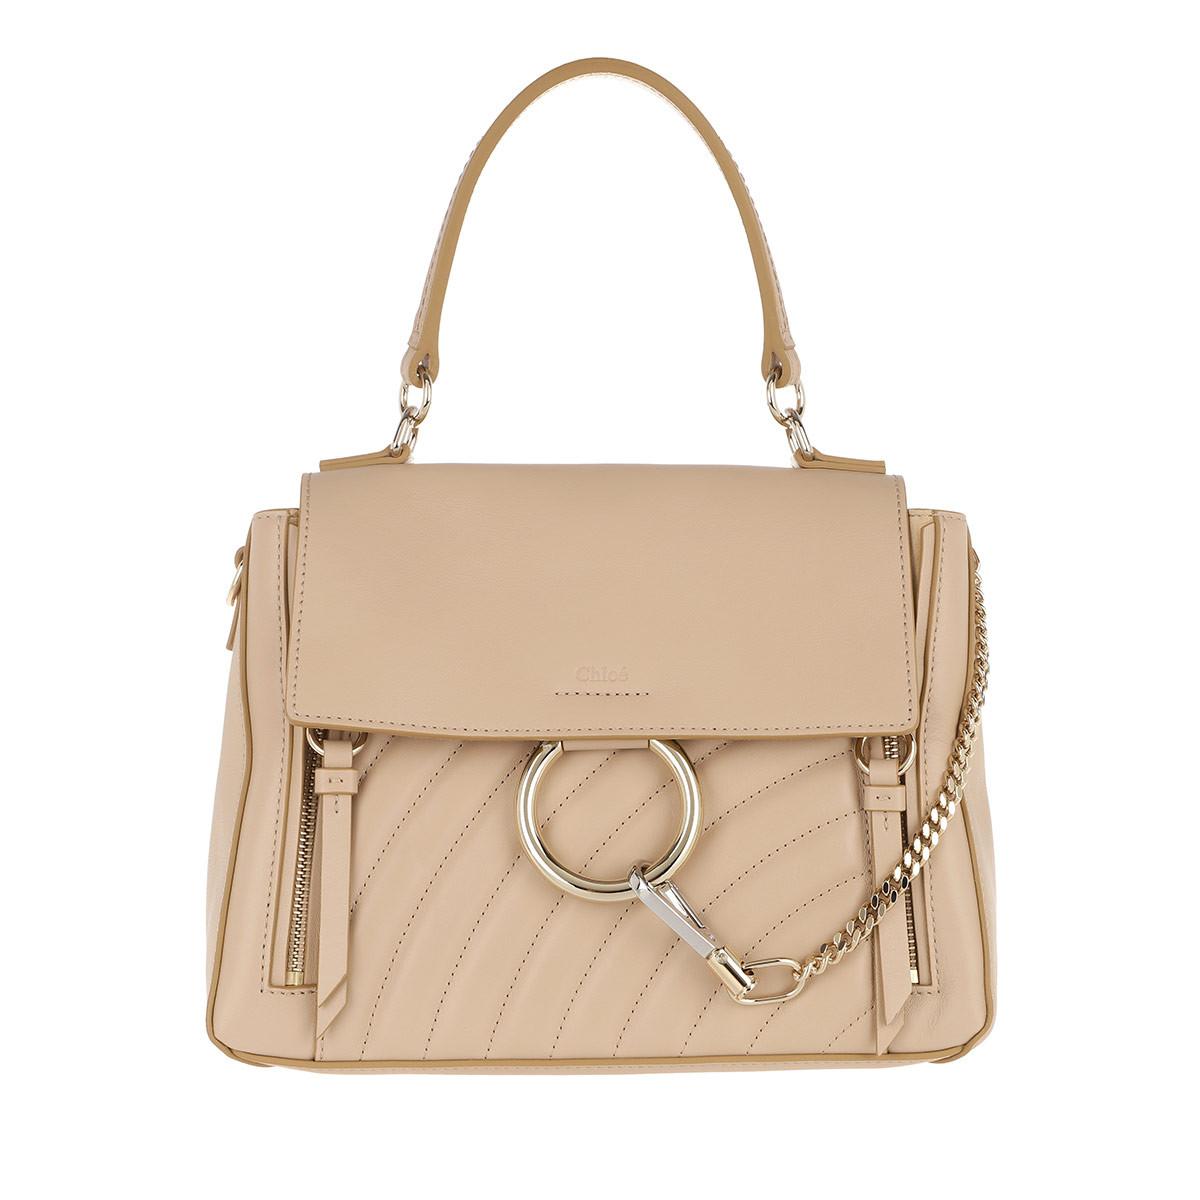 Chloe Faye Day Bag Small Pearl Beige